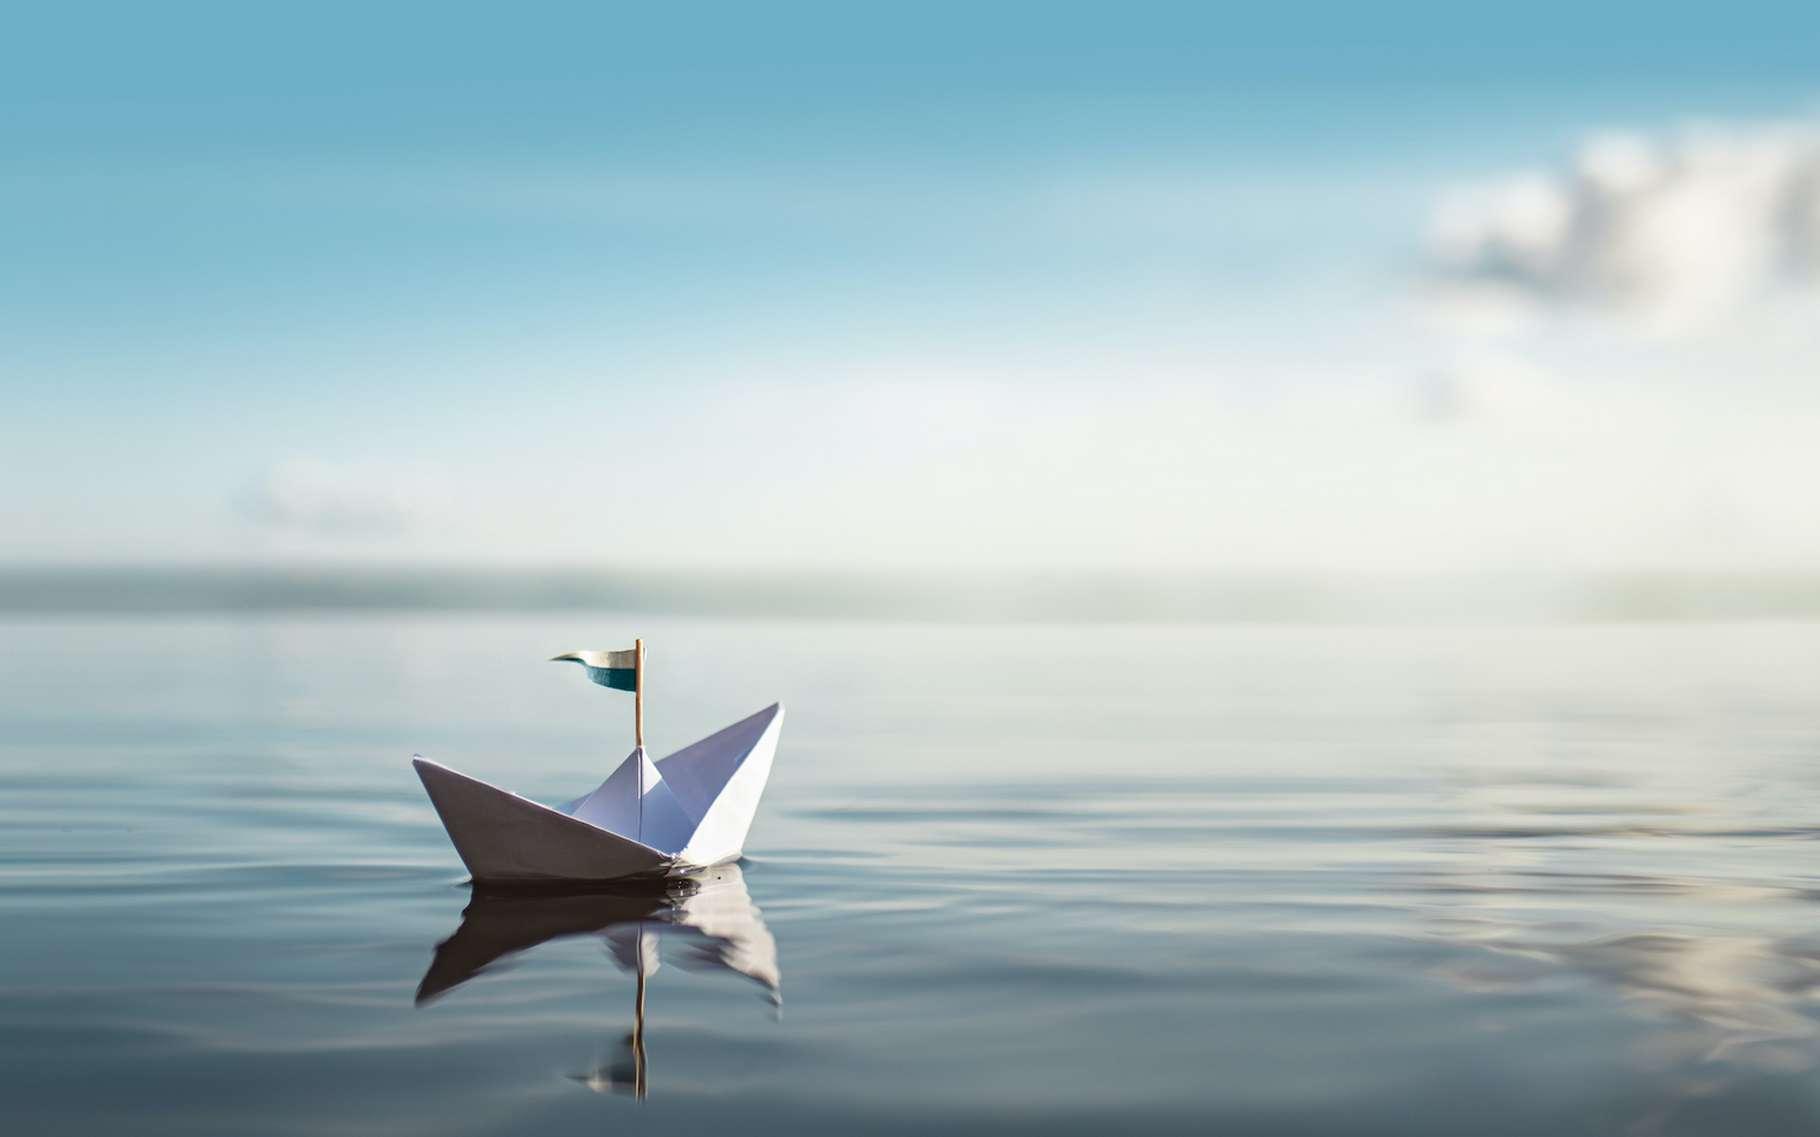 Des chercheurs de la PennState University (États-Unis) montrent que les océans deviennent rapidement de plus en plus tables sous l'effet du réchauffement climatique. Ce n'est pas une bonne nouvelle, car cela nuit aux capacités des océans à réguler le climat et à nourrir leur biodiversité. © Marco Martins, Adobe Stock